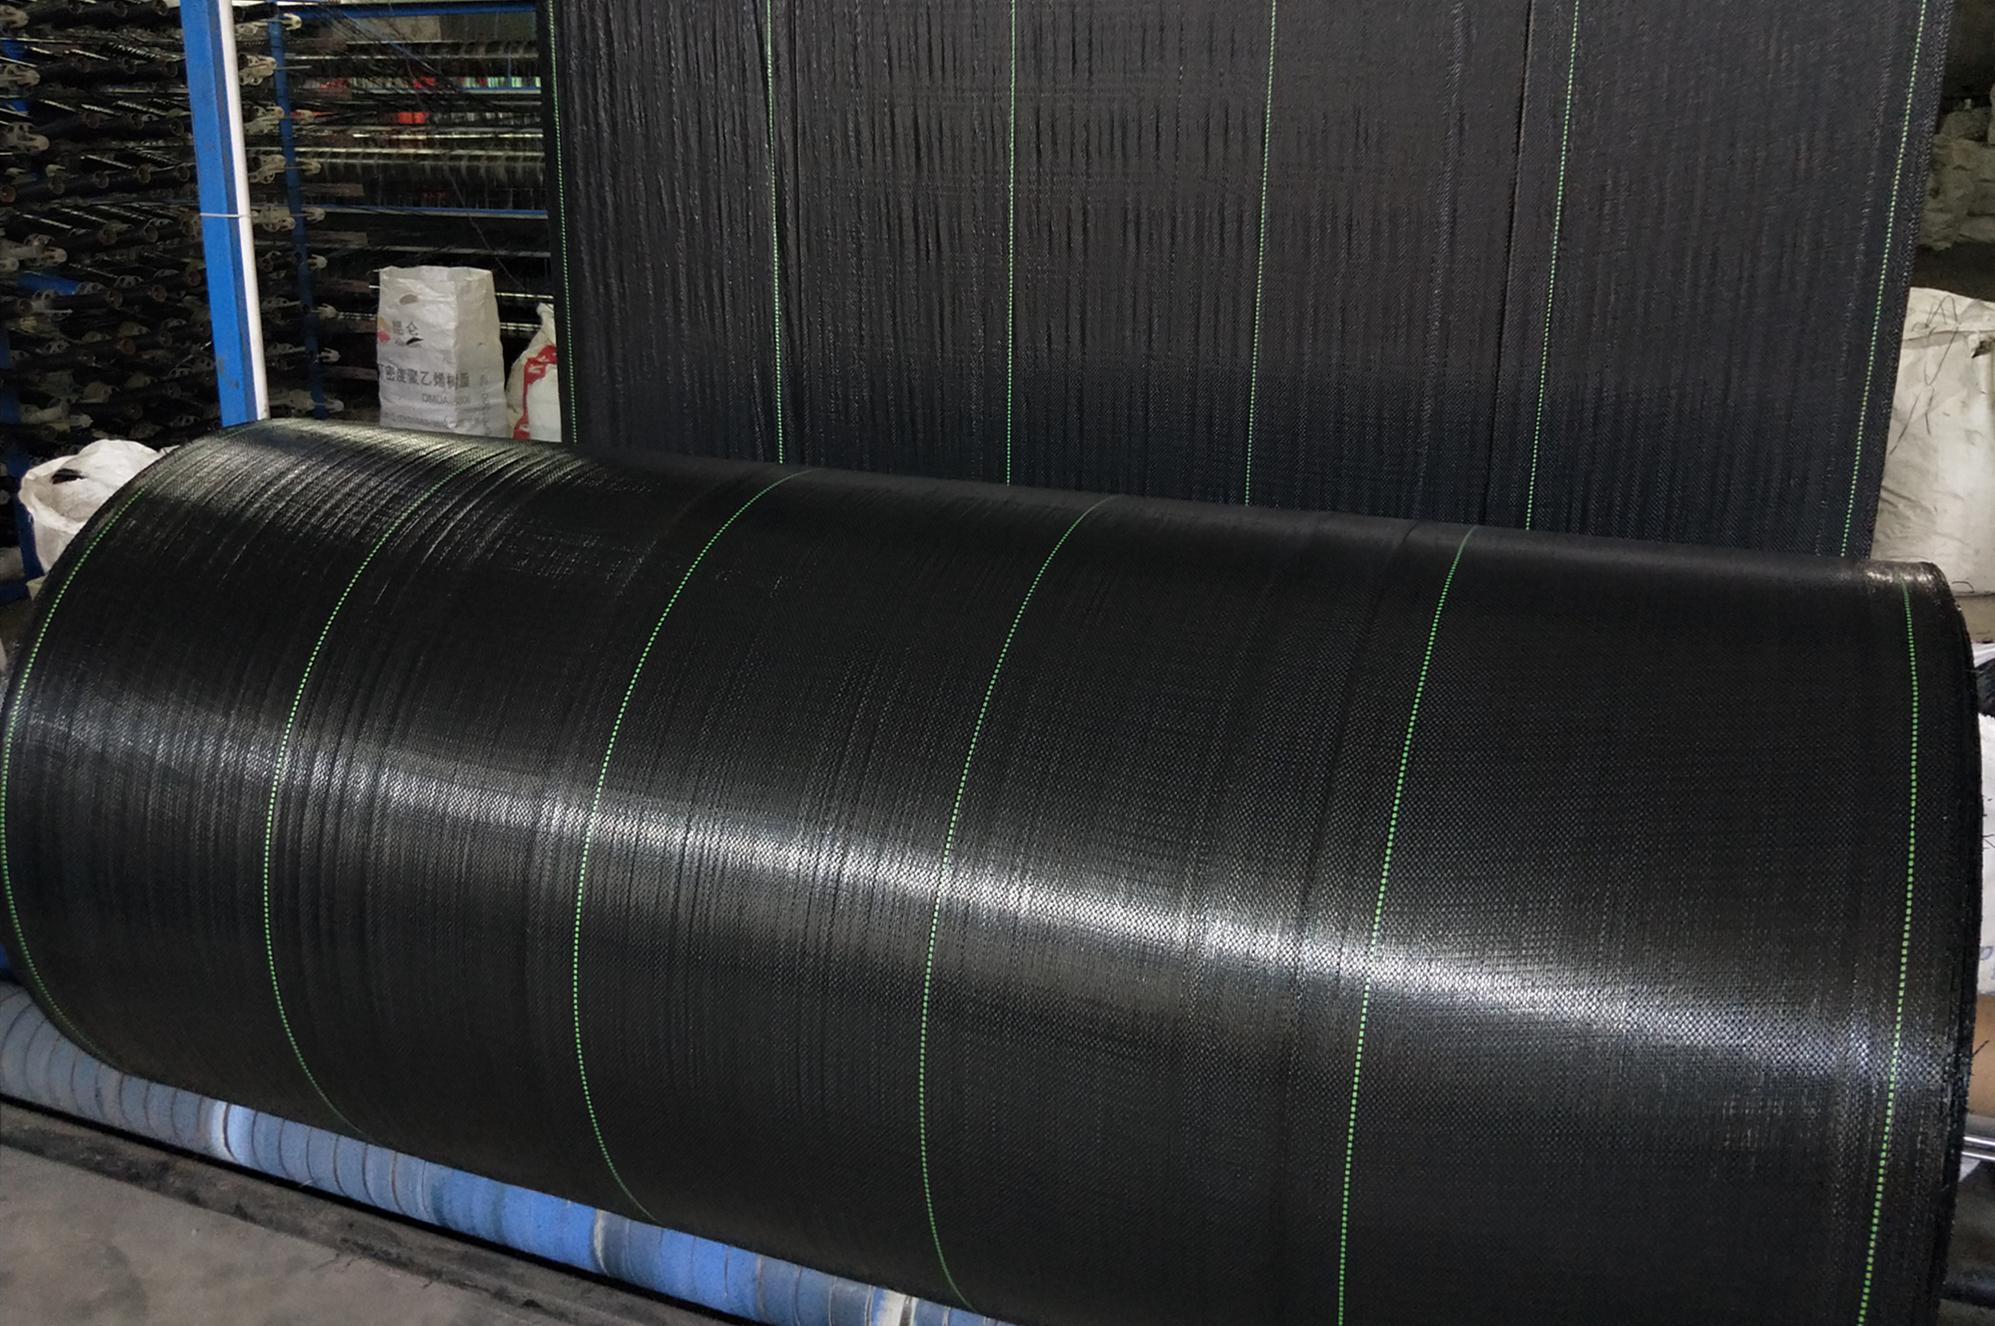 أخضر/أسود يغطي الأرض/Agrotextile أغطية الأرض قماش للتحكم بالأعشاب الضارة المنسوجة النسيج